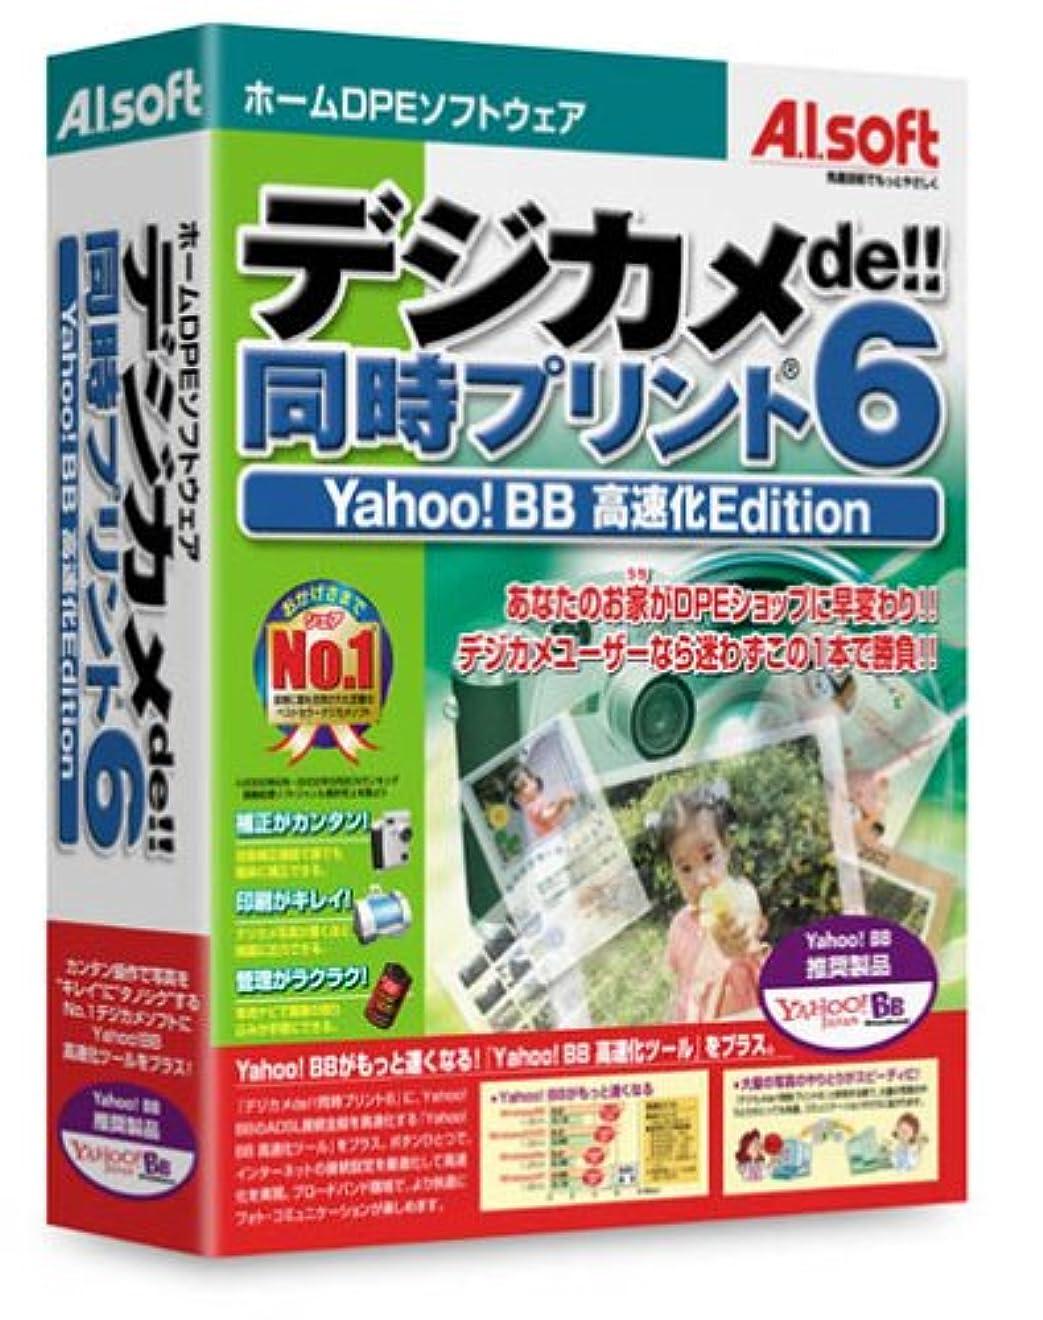 デンマーク施設バケットデジカメde!!同時プリント6 Yahoo! BB高速化Edition